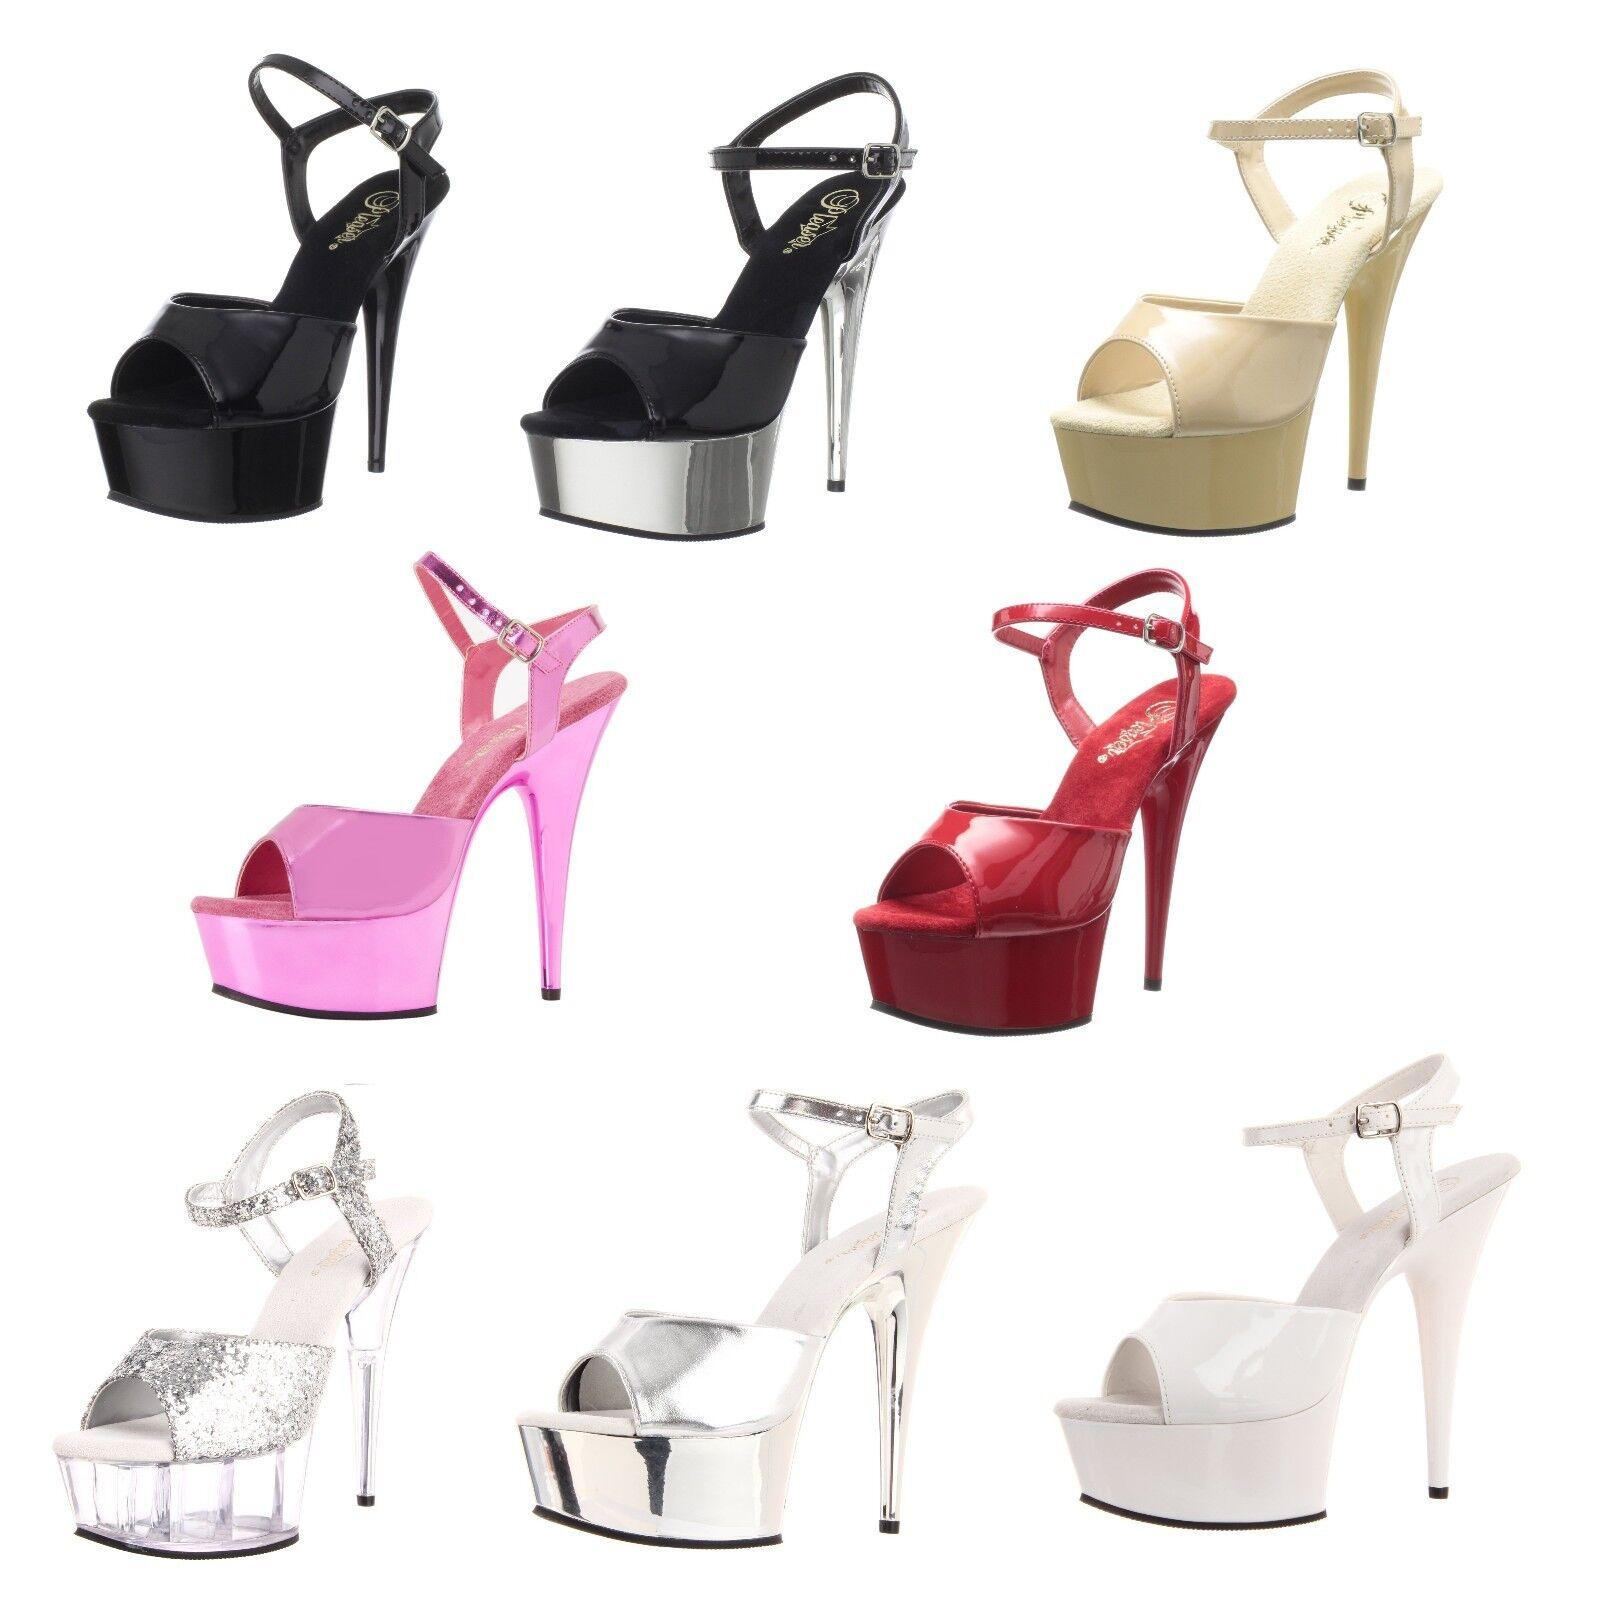 PLEASER Delight-609 Sexy Ankle Strap Platform Sandale Größe 5-14